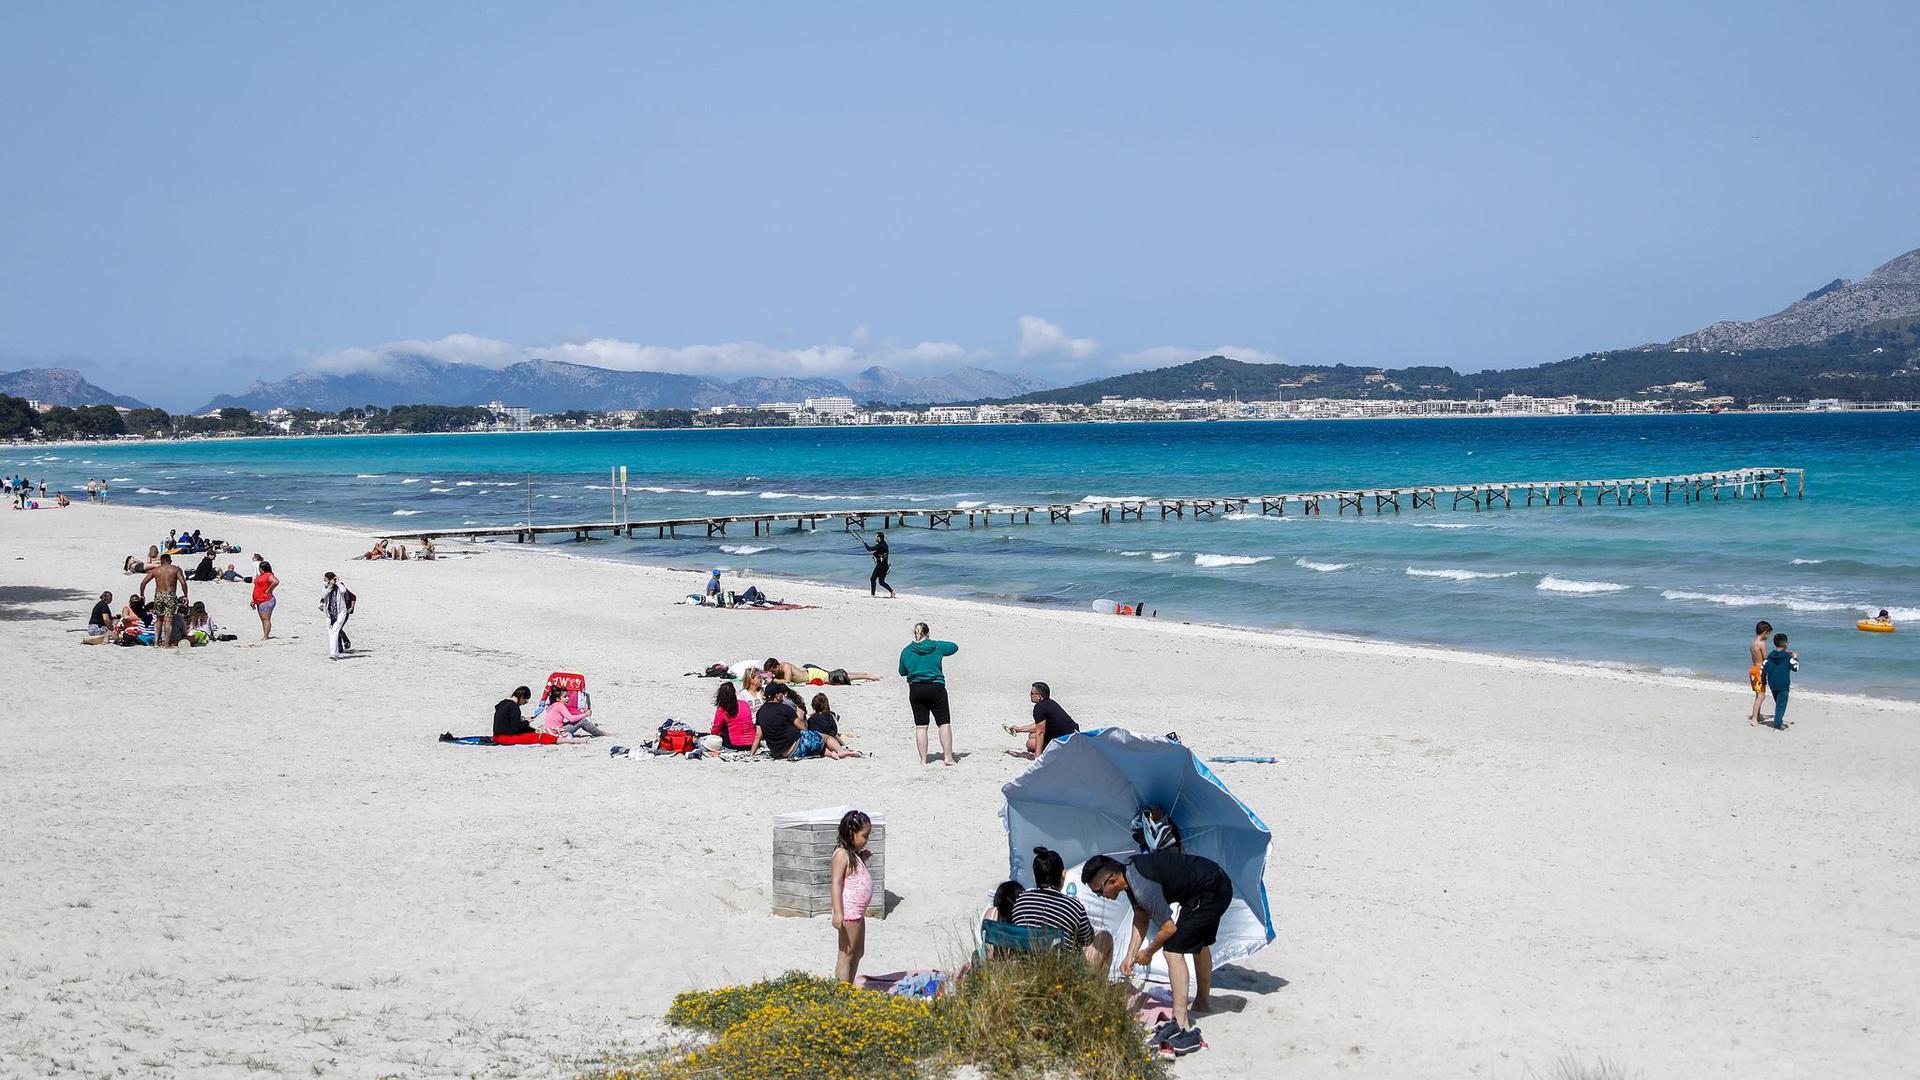 Appelle statt Verbot: Nach wie vor sind Urlaubsreisen zu Zielen wie Mallorca erlaubt - trotz bedenklicher Infektionslage.